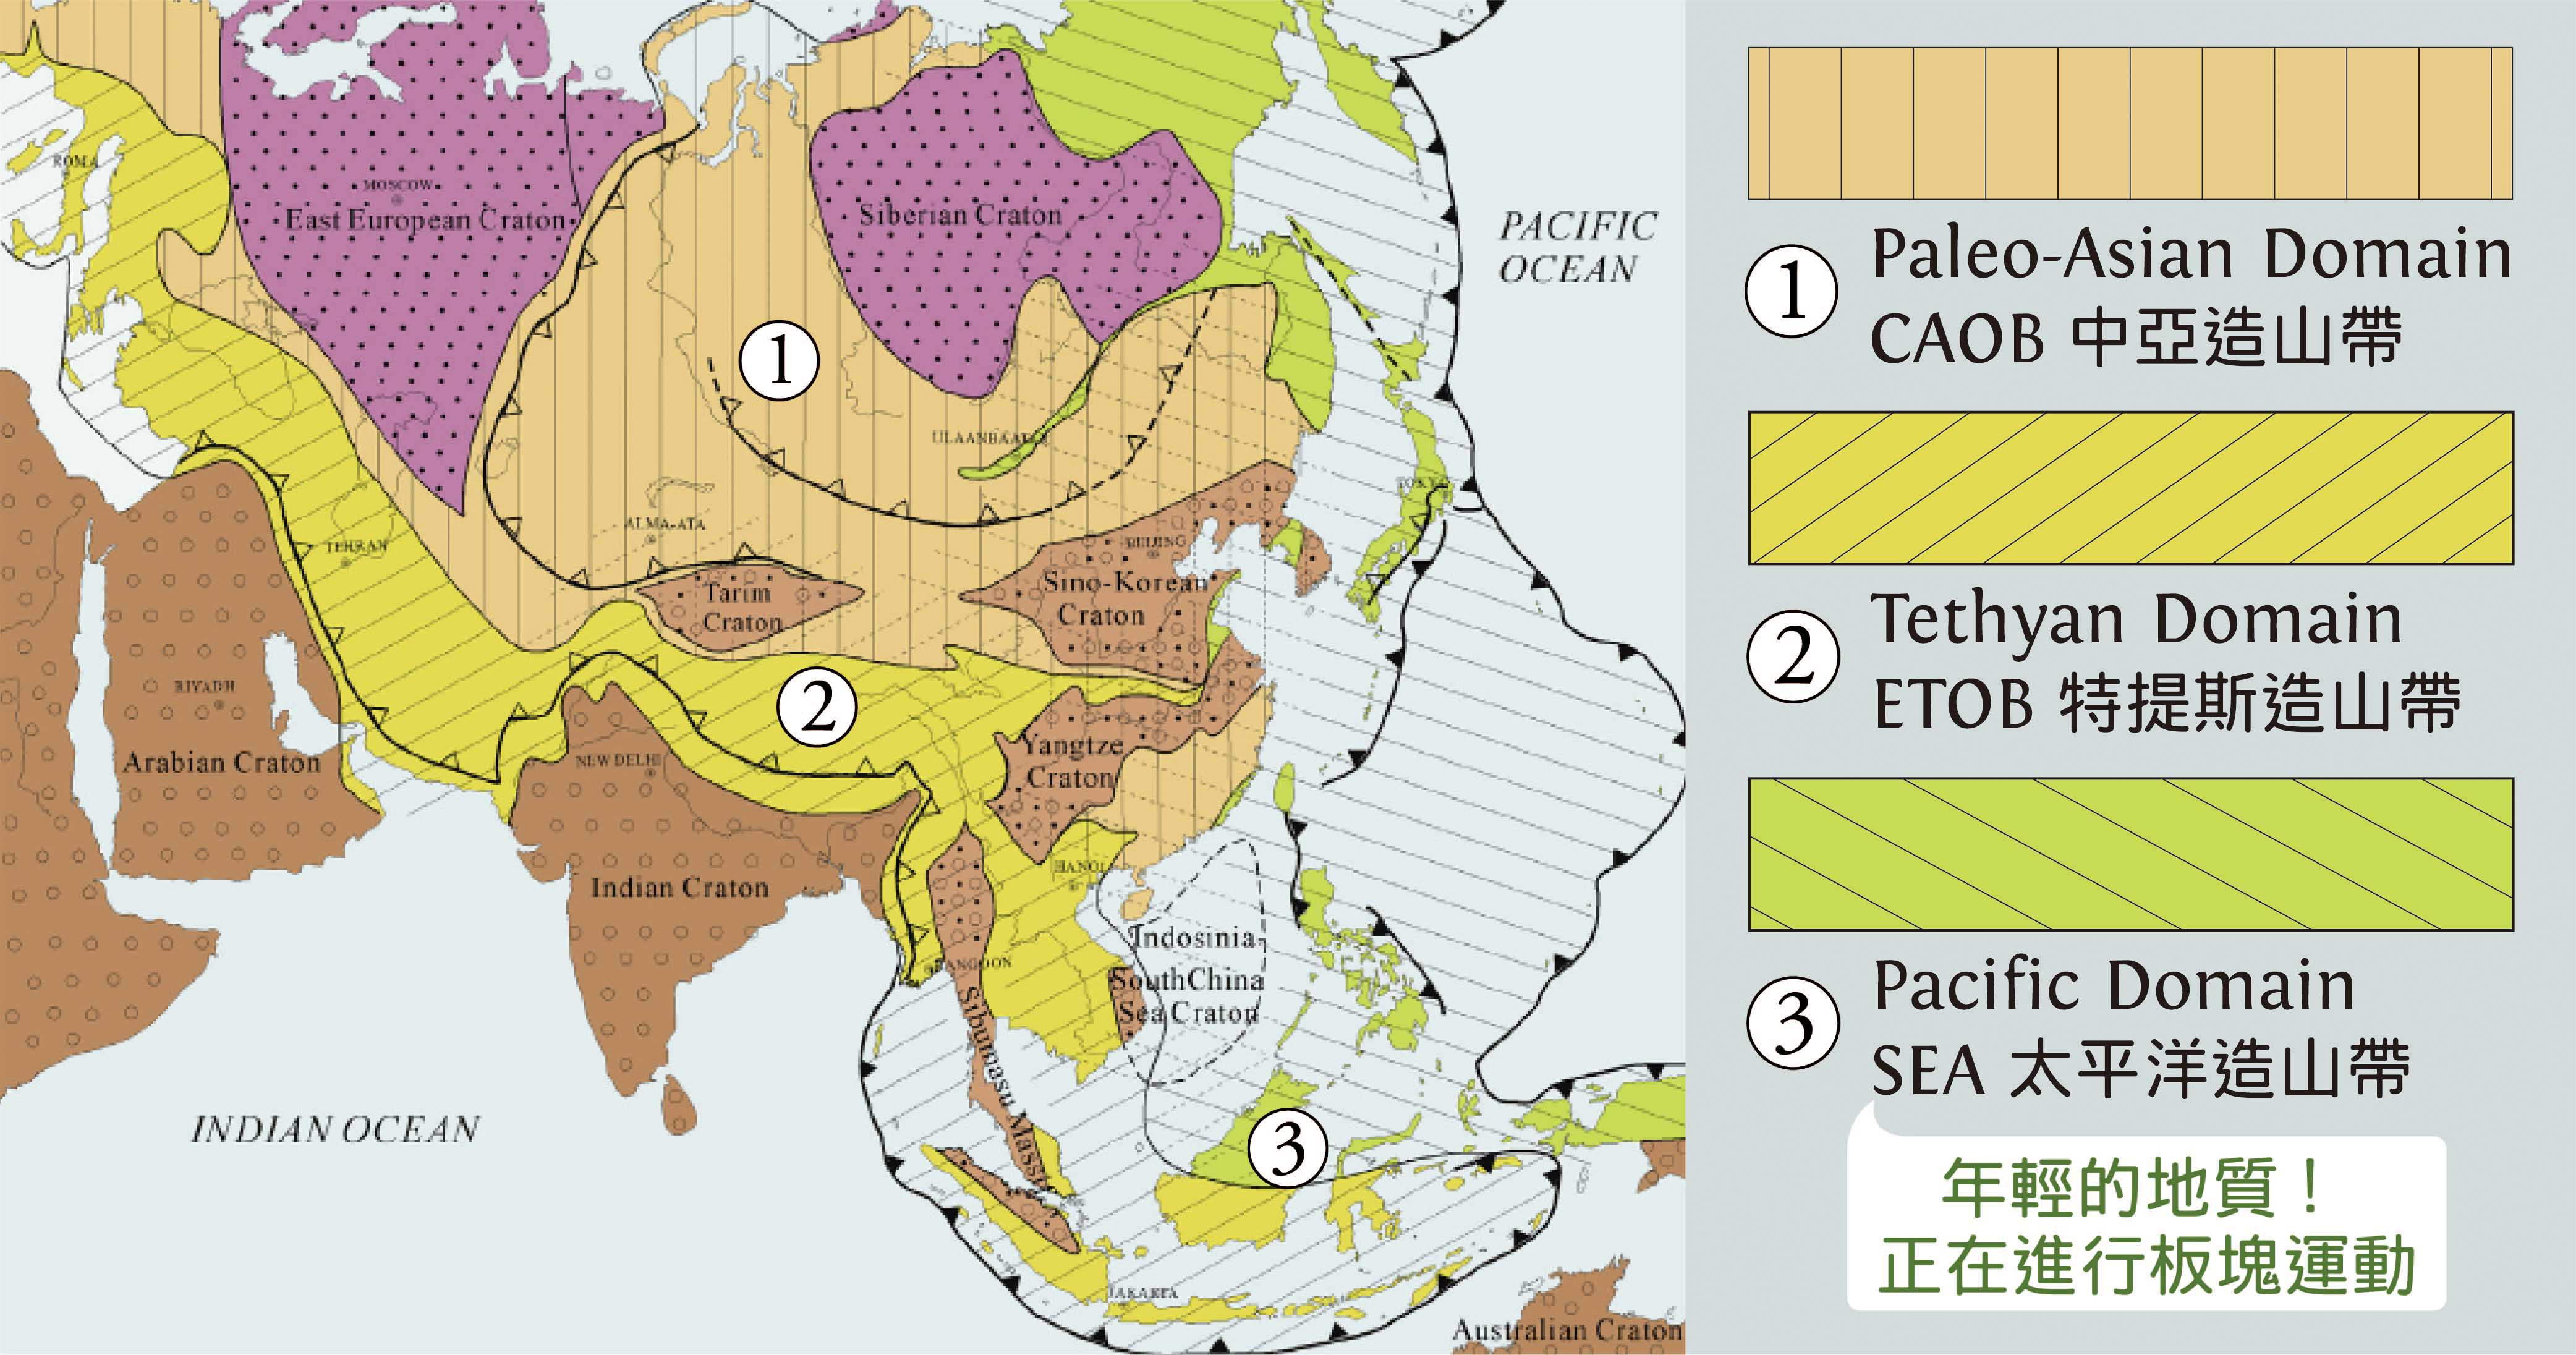 現今的東南亞正在發生造山事件,類似西藏在 6000 萬年前發生的事。圖│研之有物(資料來源│Ren, J.S. et al. / Journal of Asian Earth Sciences 72 (2013) 3-11)